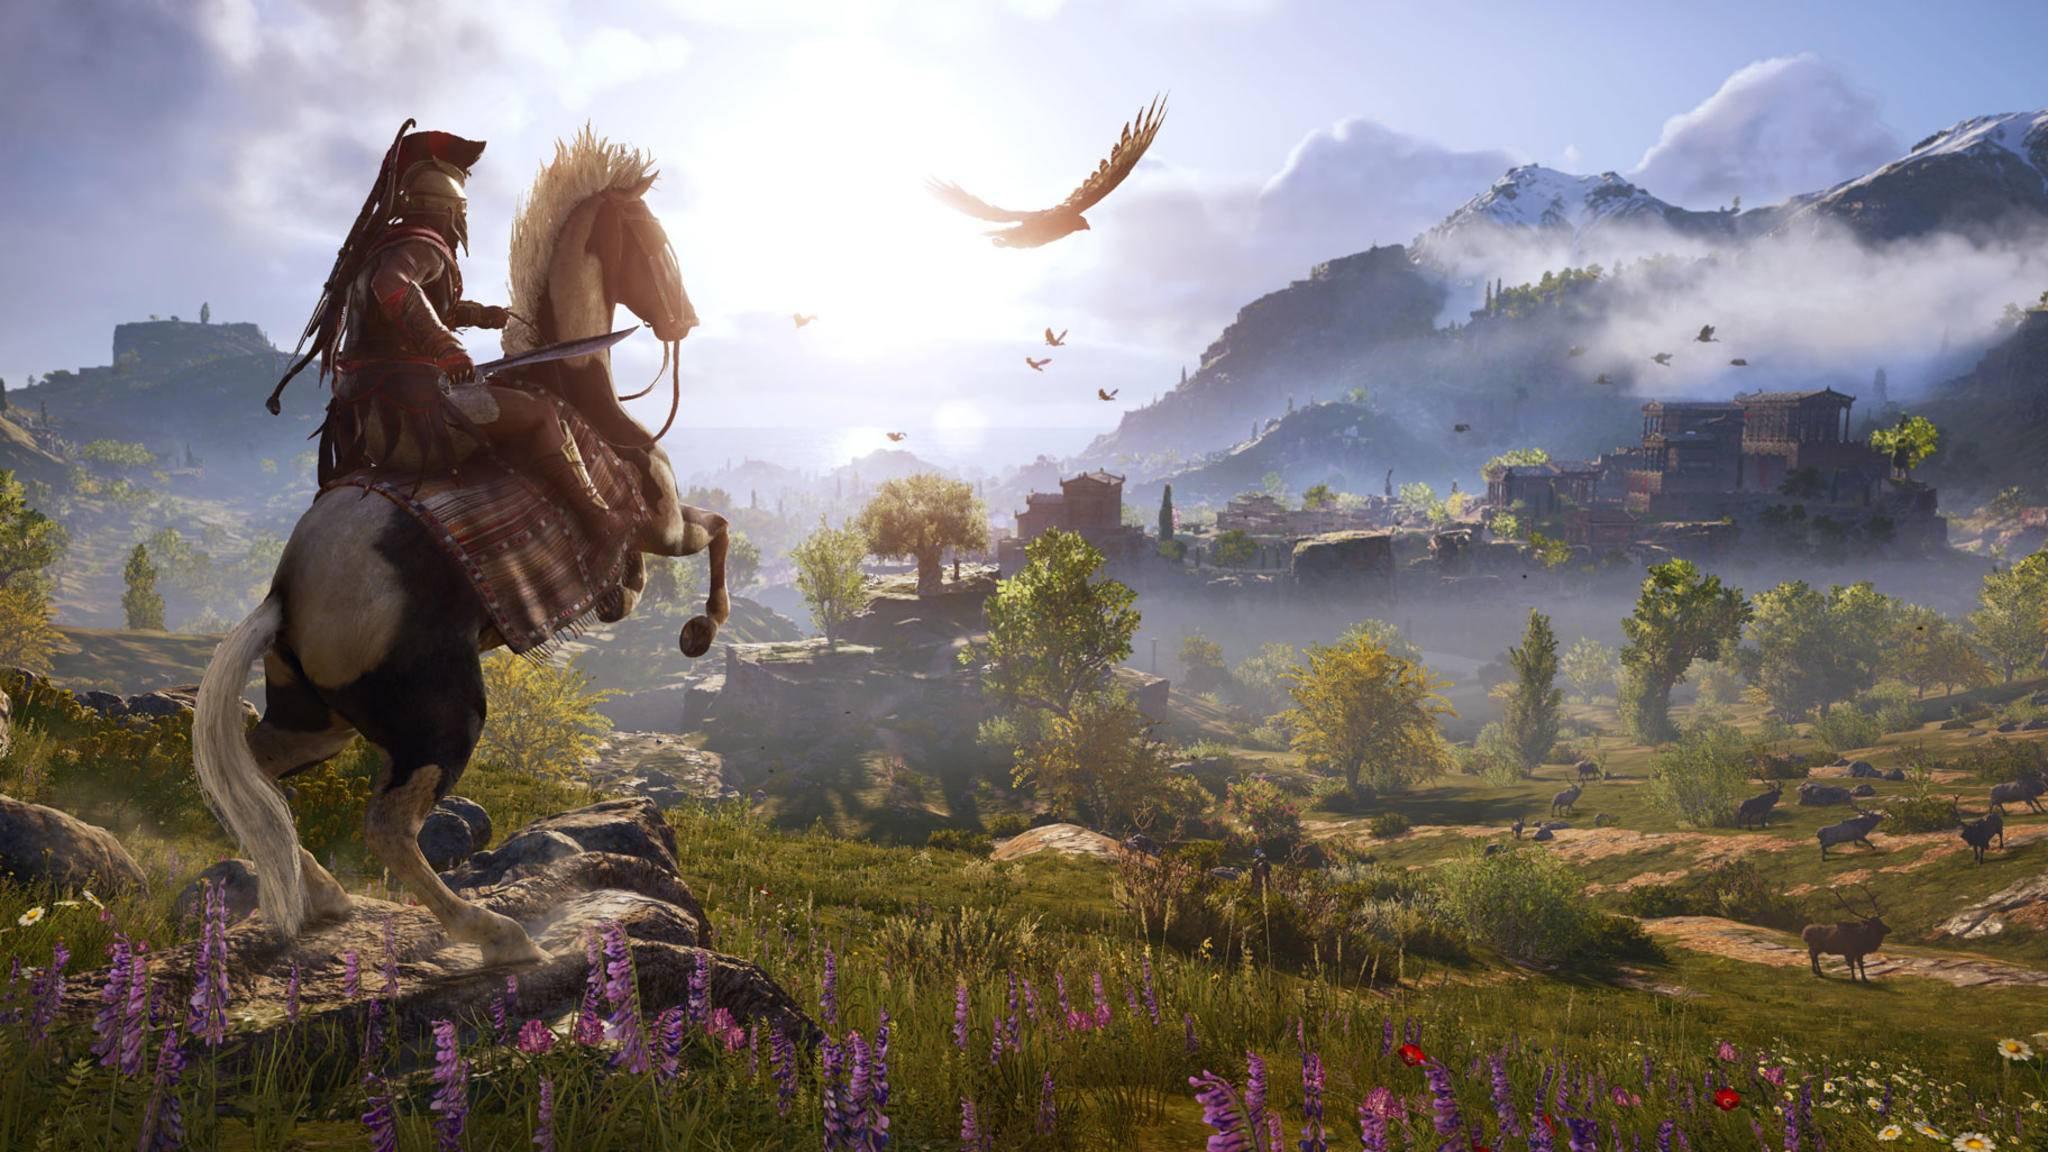 """Viele Gameplay-Elemente aus """"Origins"""" sind ähnlich geblieben. Darunter auch Reiten oder der Vogel als """"Drohne""""."""